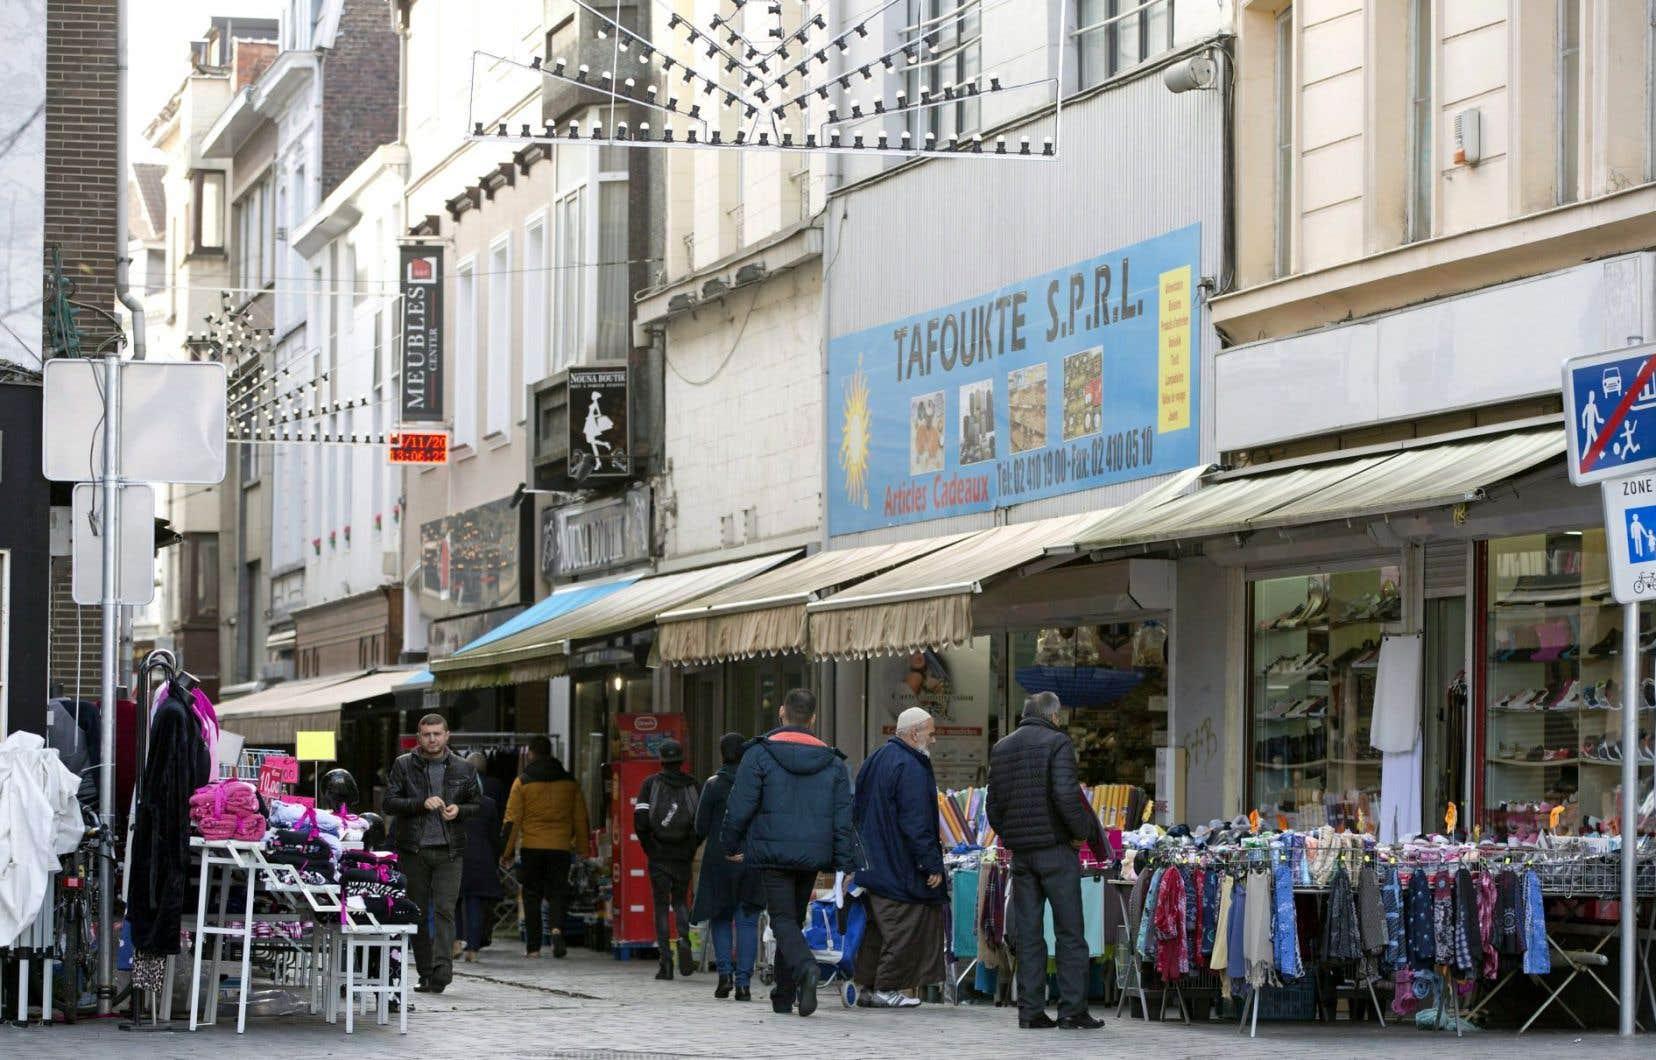 Comme d'autres quartiers défavorisés, Molenbeek abrite une forte population d'origine marocaine et fait face à un taux de chômage important.